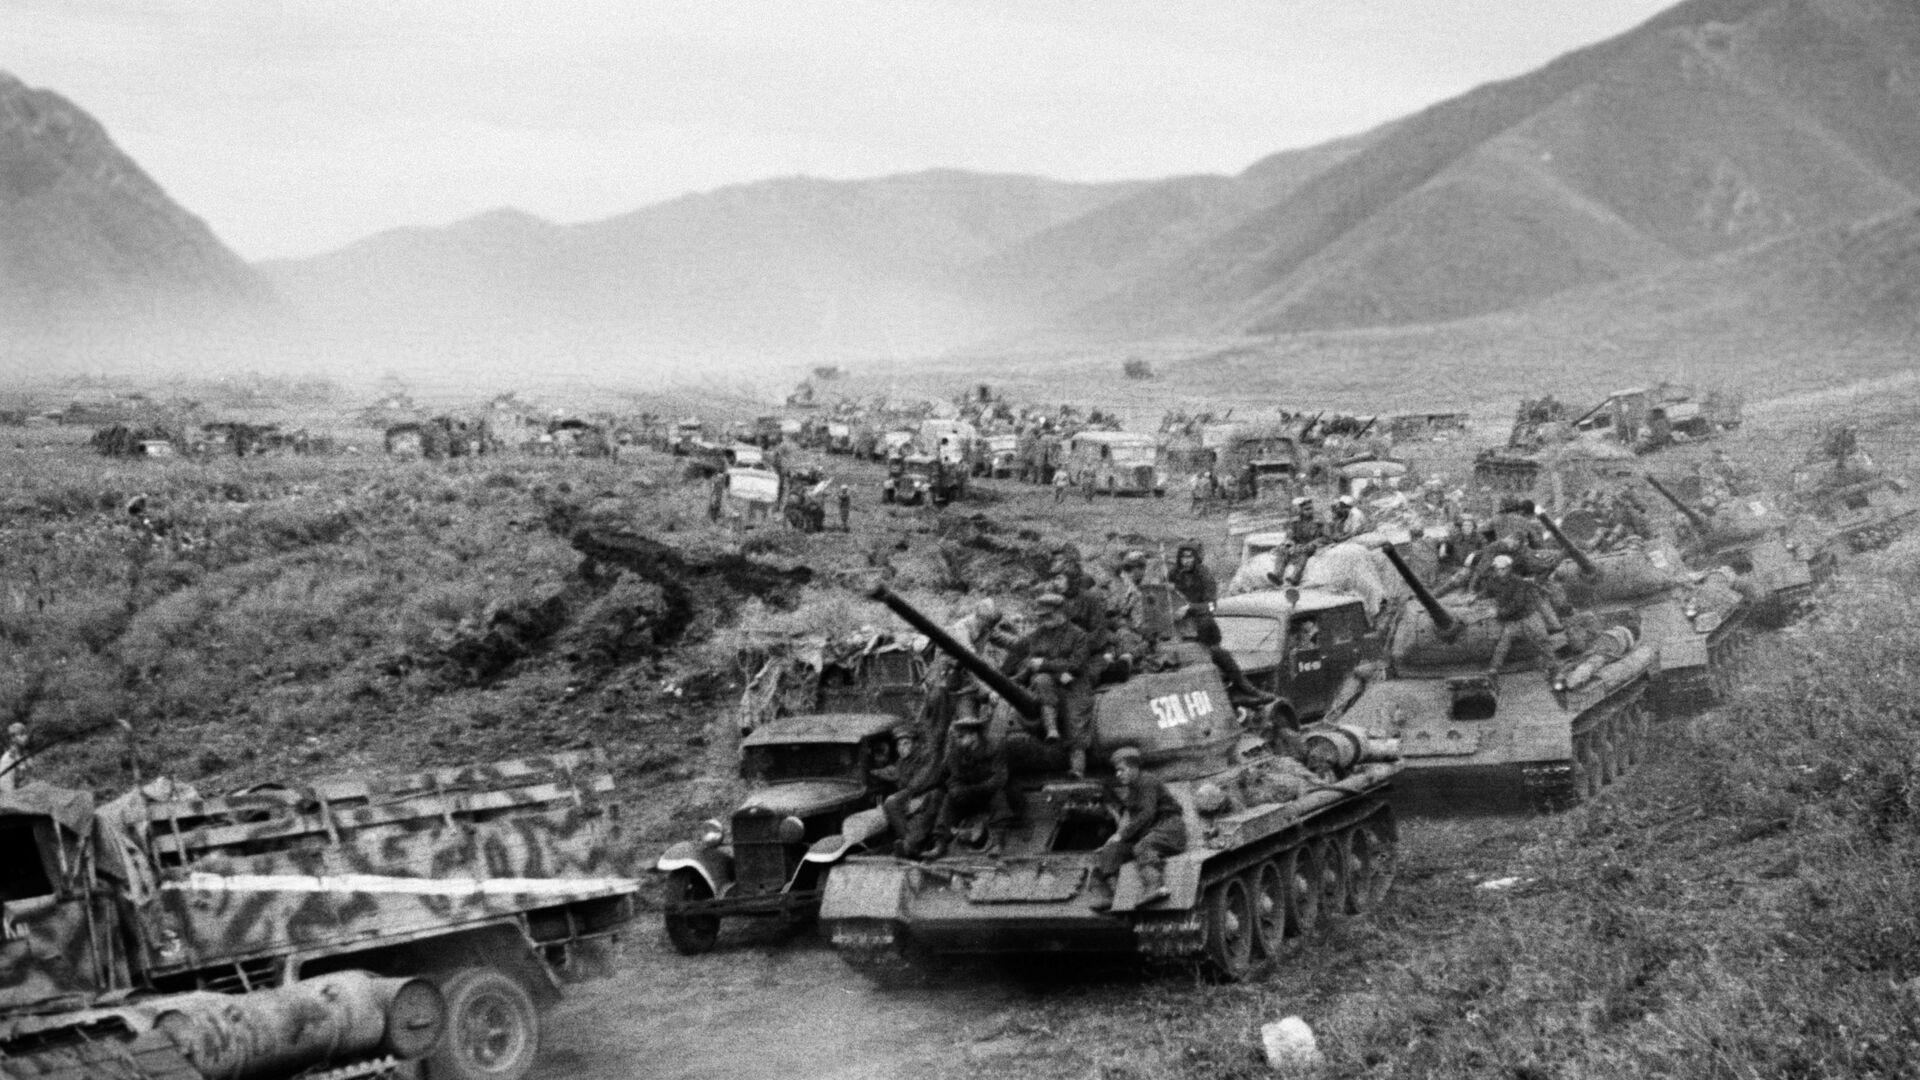 Пораз Квантуншке војске, највећег одреда империјалног Јапана, крајем Другог светског рата. Тенковске јединице совјетске војске током преласка Великог Кингана у августу 1945. године. - Sputnik Србија, 1920, 08.08.2021